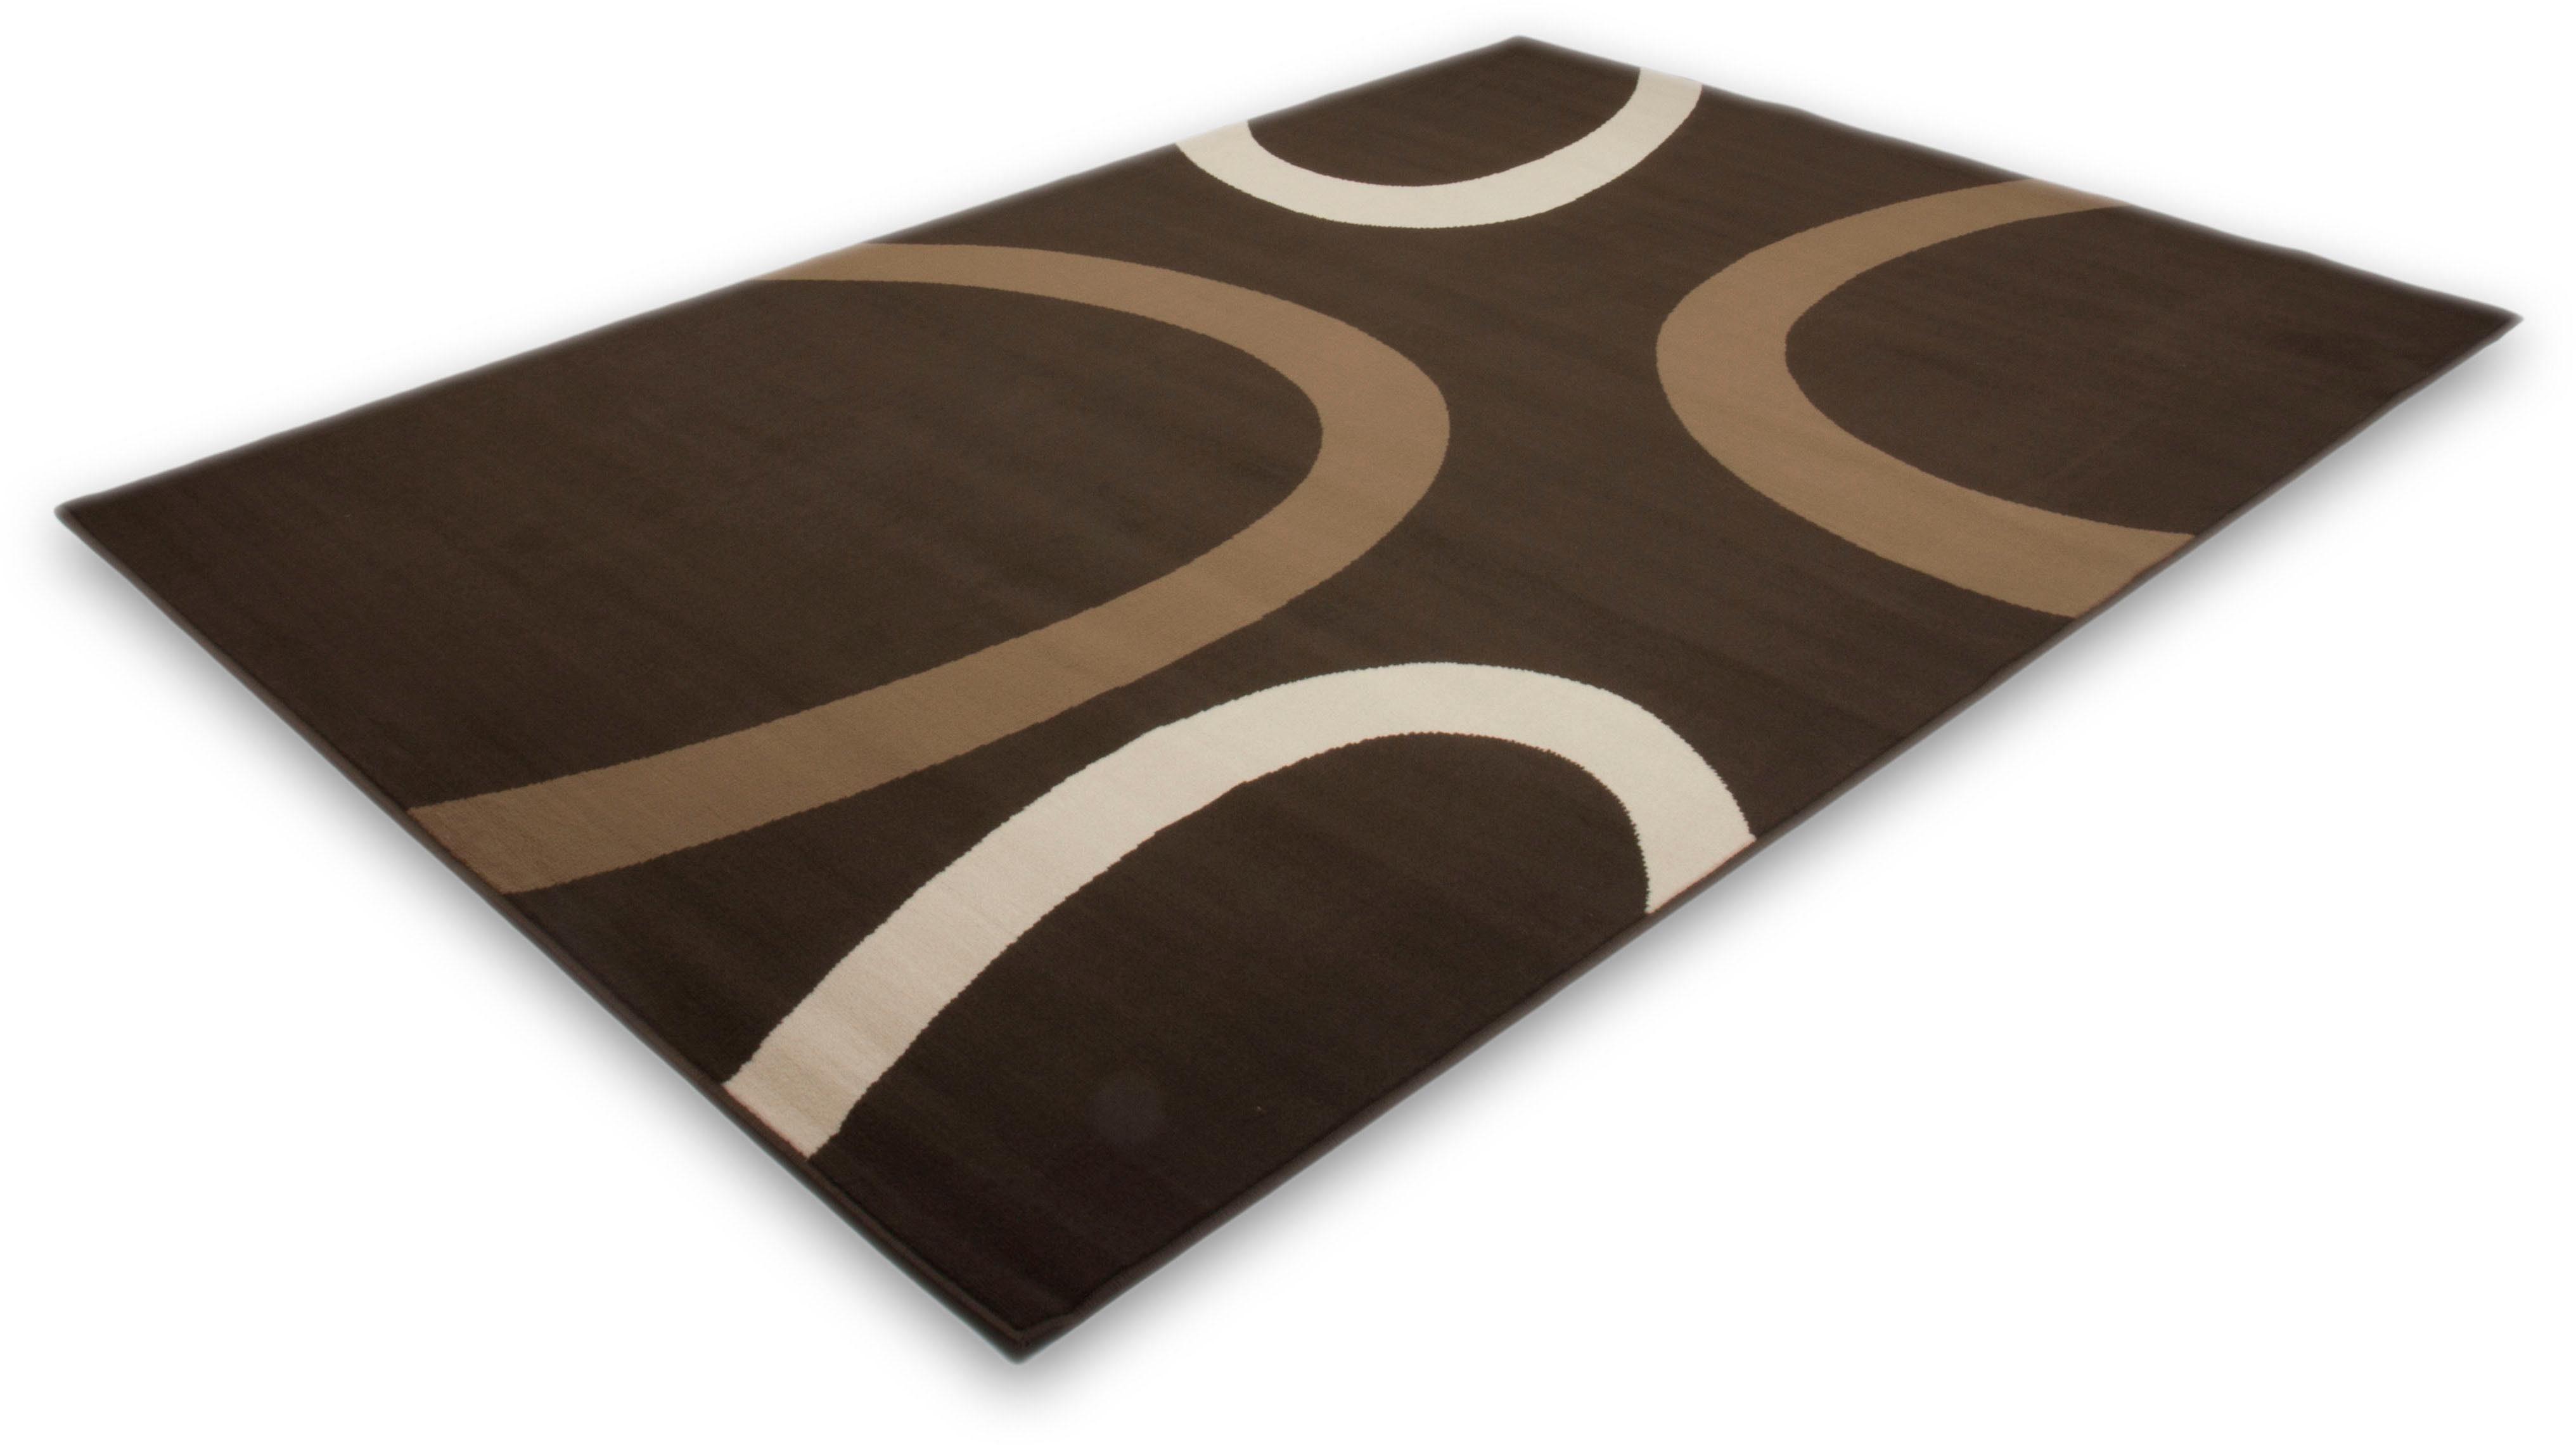 Teppich Jesse 590 calo-deluxe rechteckig Höhe 10 mm maschinell gewebt